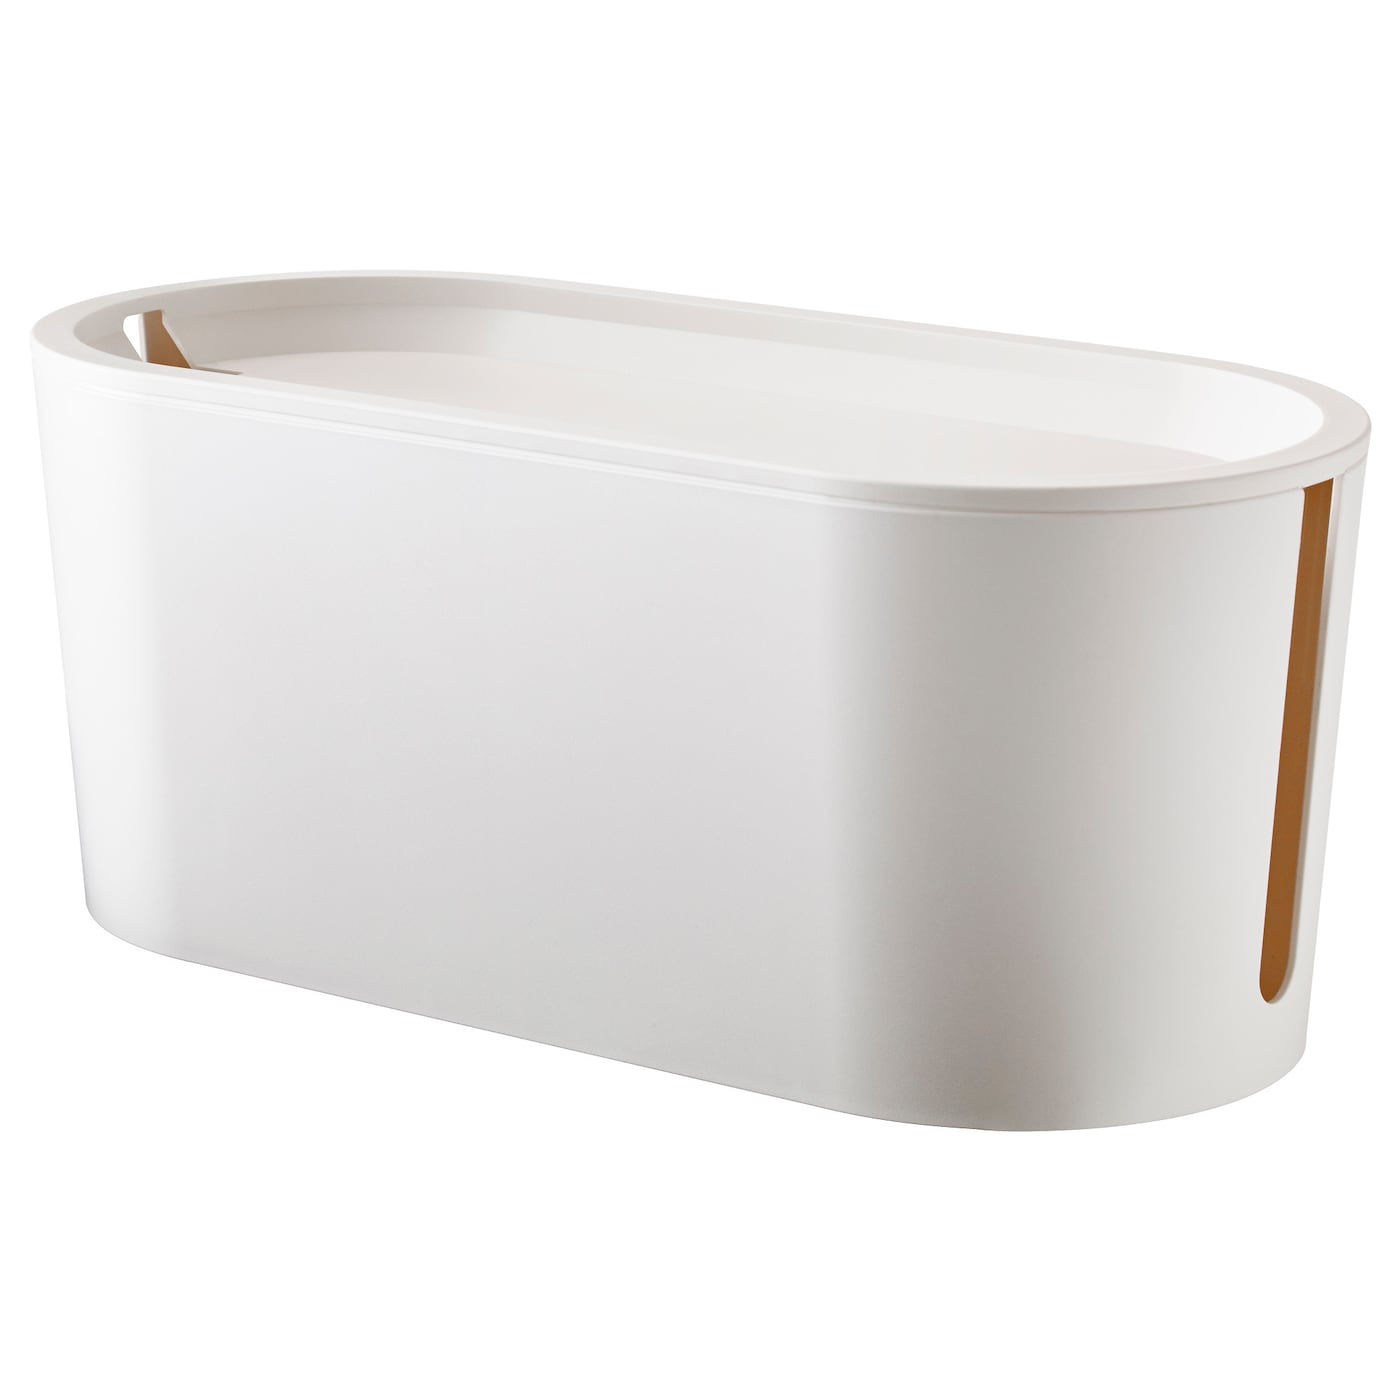 ROMMA | Baumarkt > Elektroinstallation > Weitere-Kabel | Weiß | IKEA